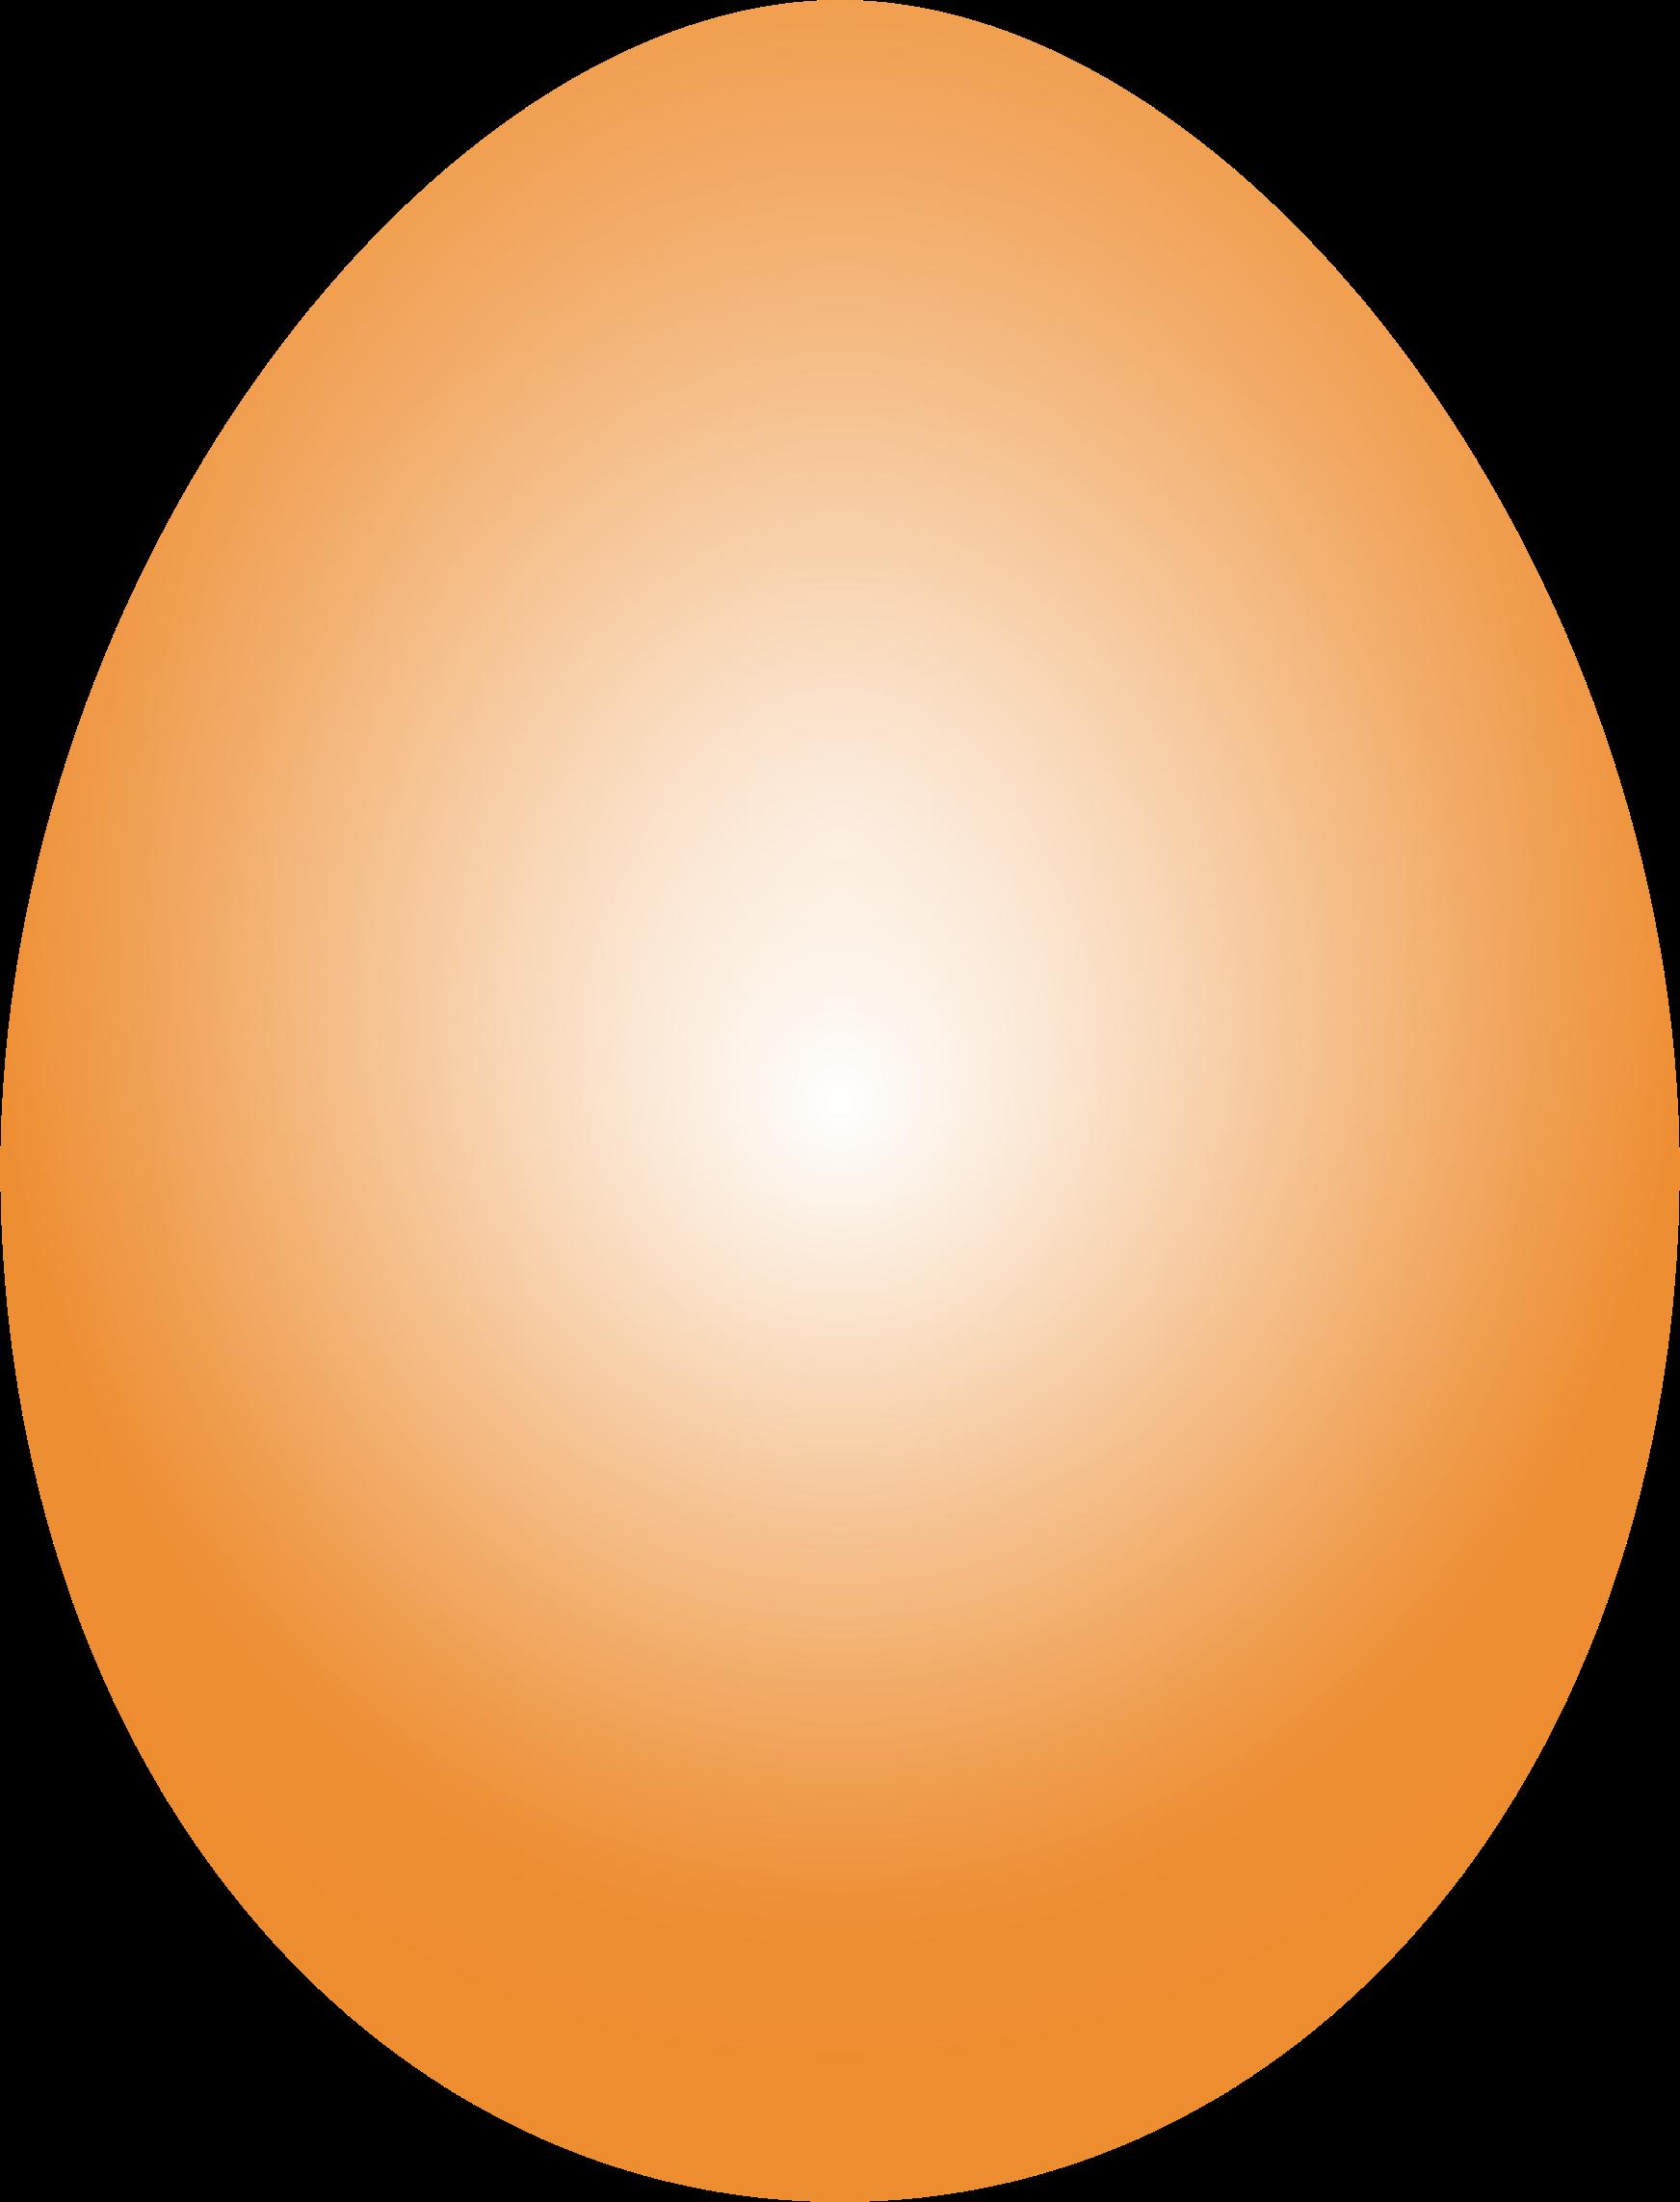 Orange clipart easter eggs Egg Orange Easter Clipart Egg